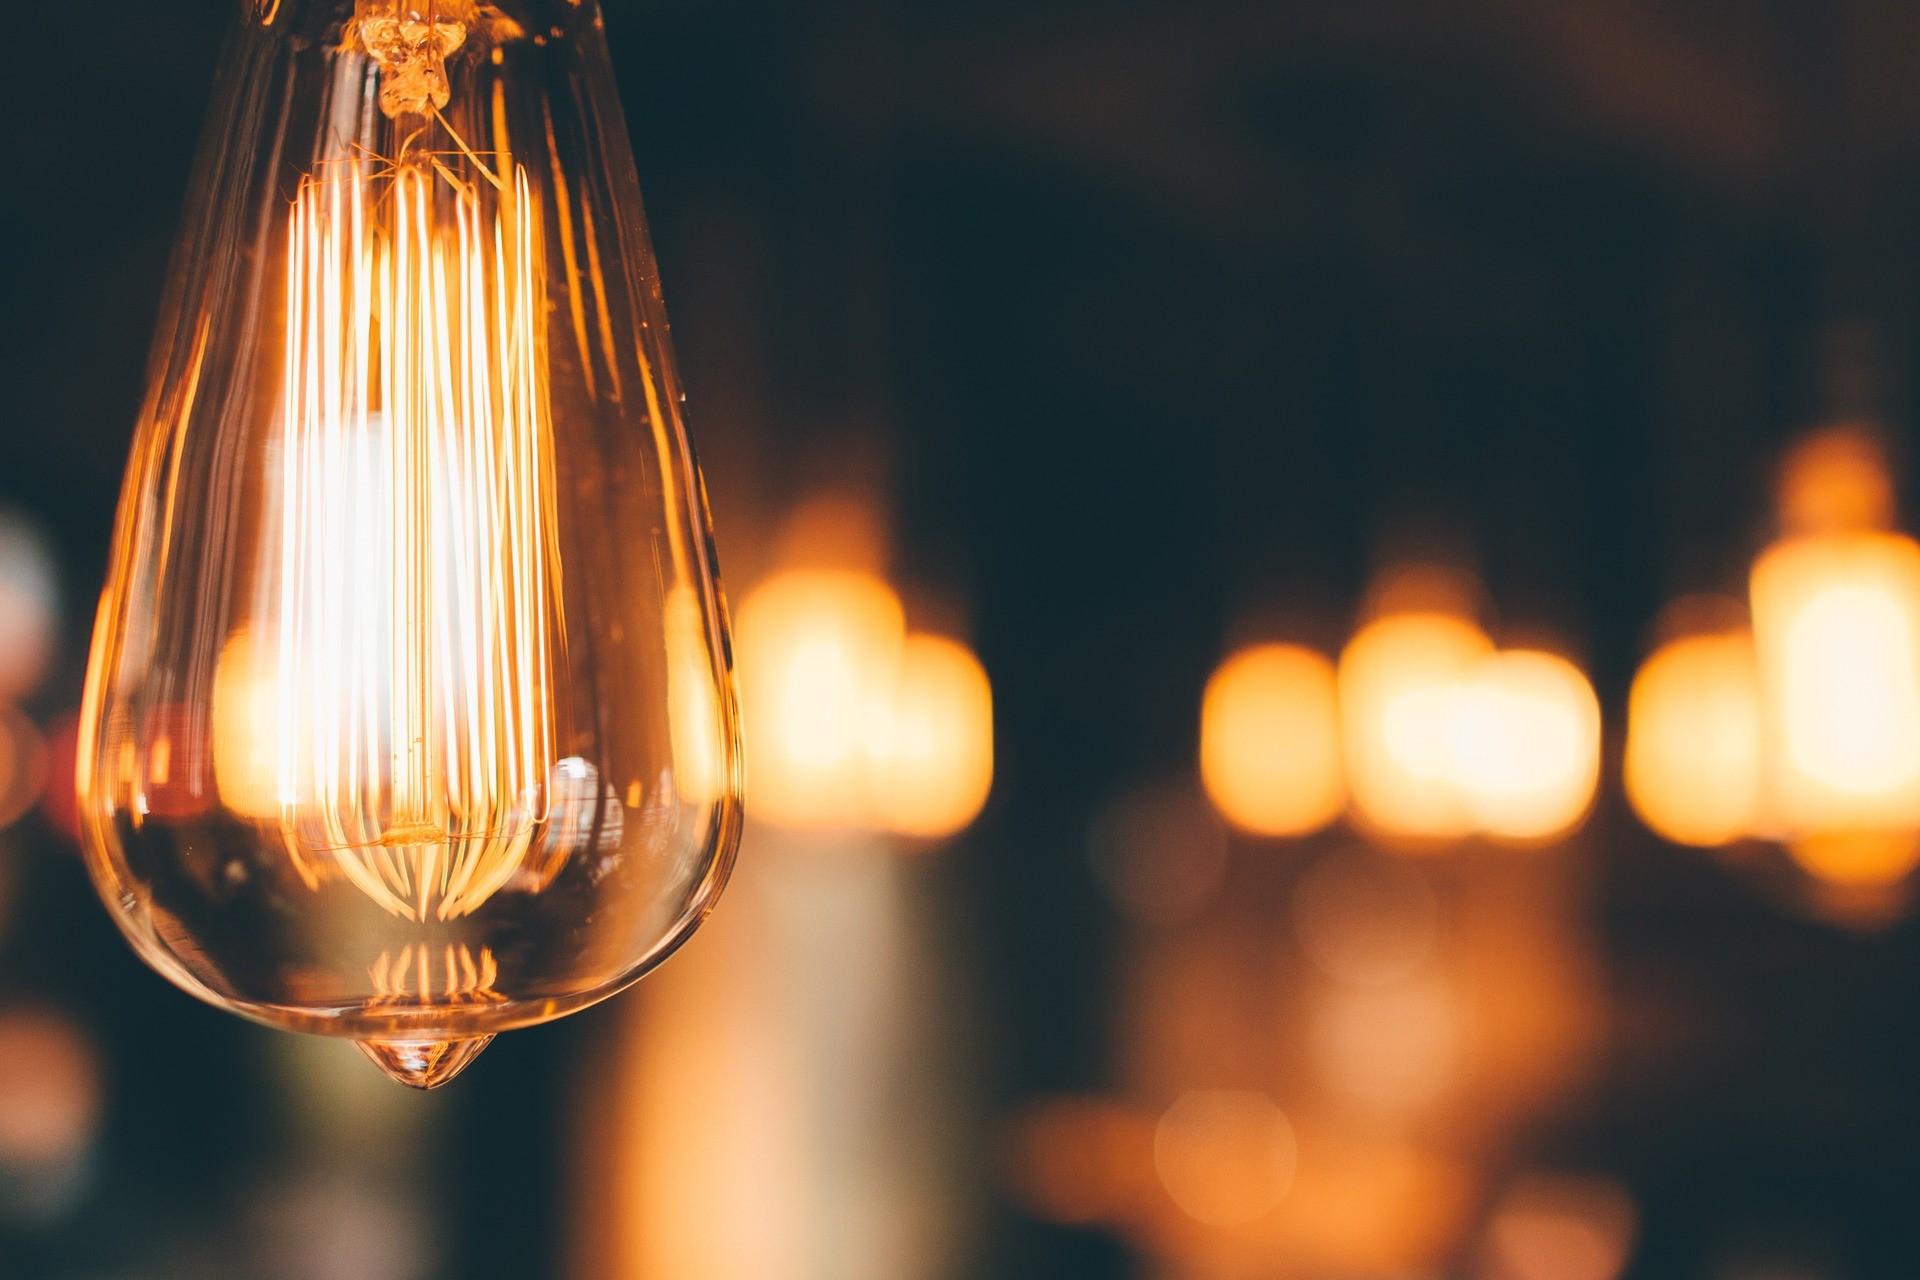 Trots covid-19-pandemin utökas förnybar kapacitet 2020 med 260 GW, en ökning med mer än 45% från 2019. Höjande tidsfrister för exponering mot ren energi kommer sannolikt att driva denna tillväxt ytterligare. Investerarens motivation att gå med i trenden för tematiska investeringsstrategier är fortfarande hög.